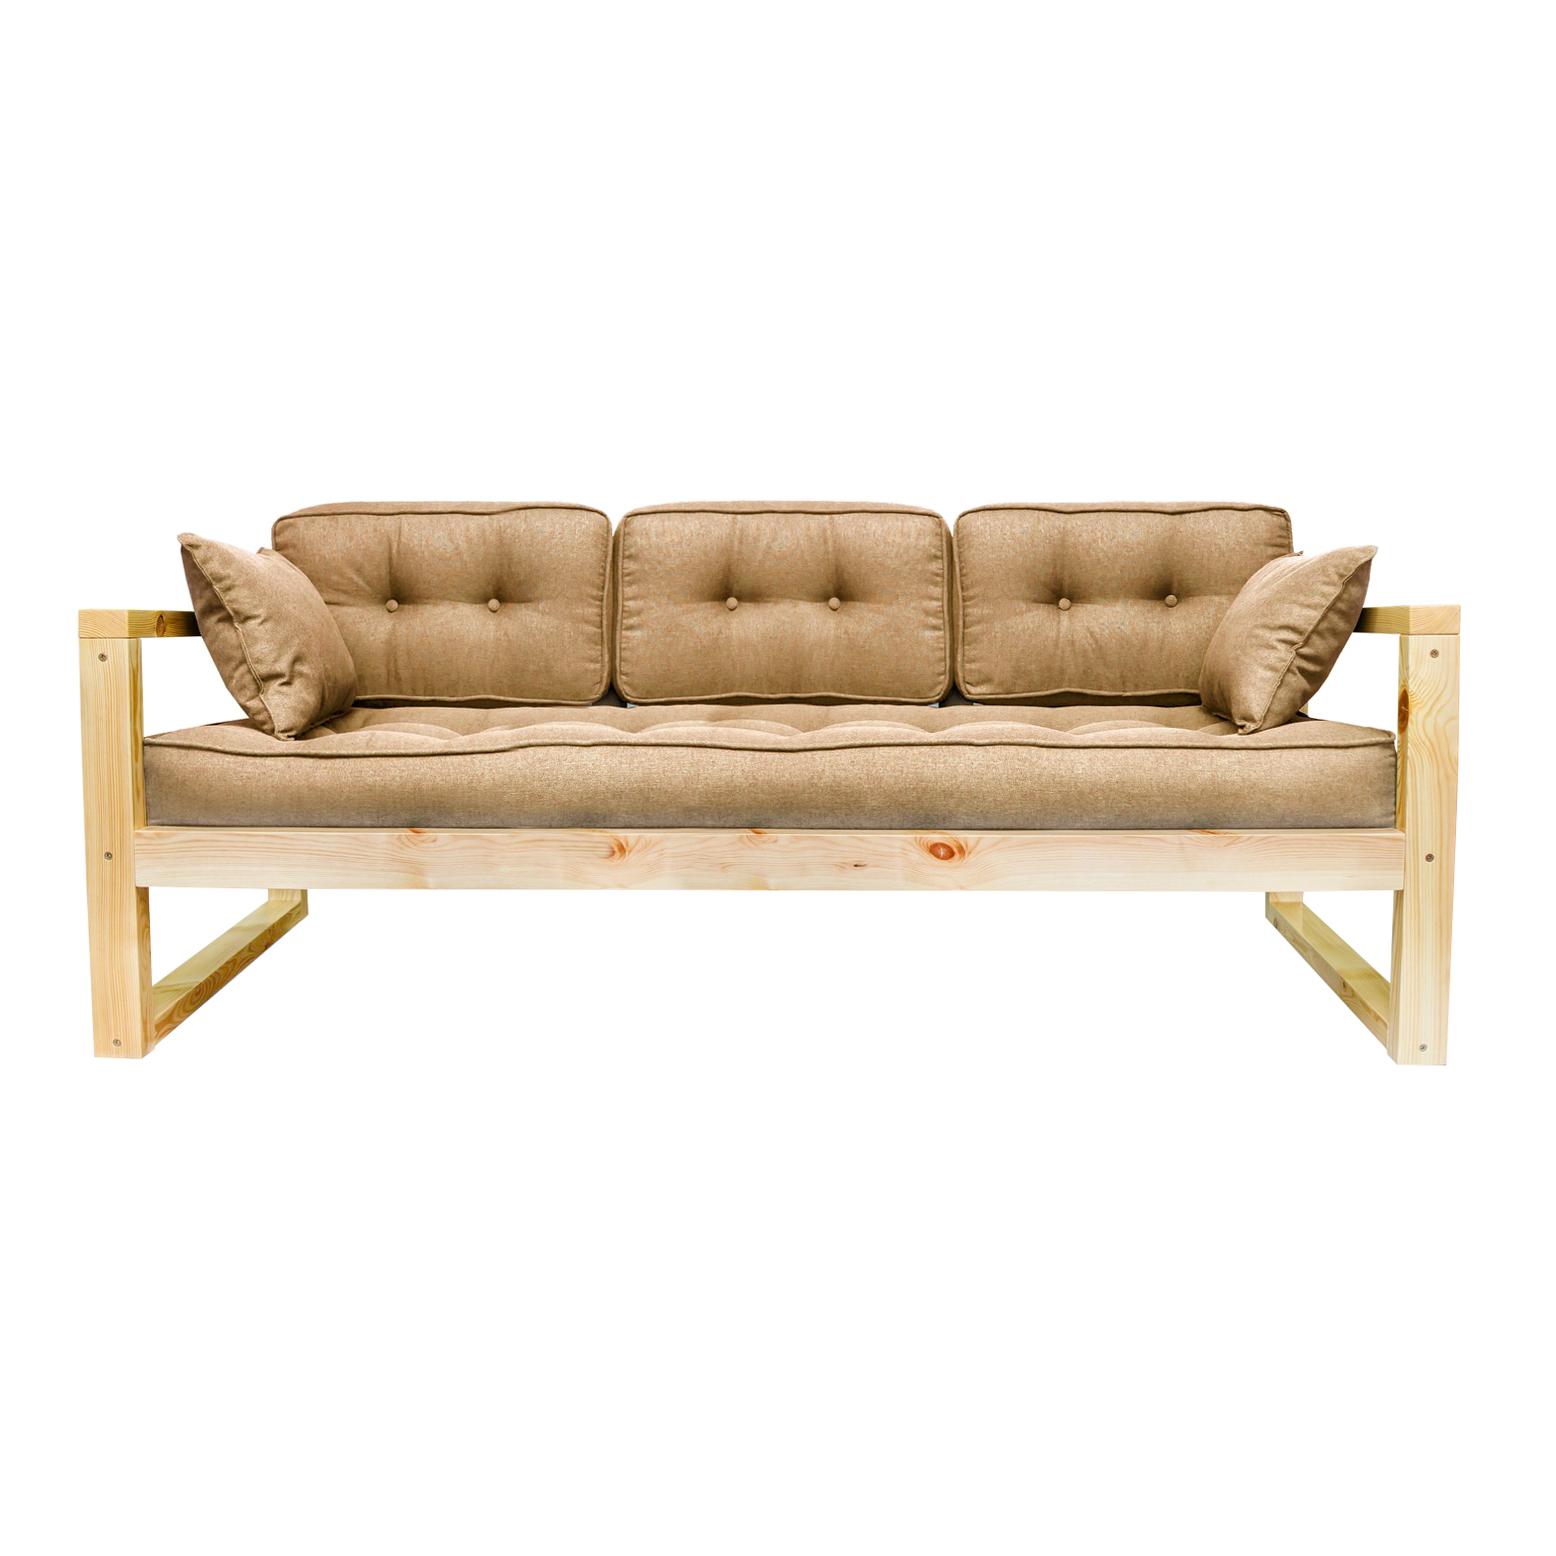 Фото - Диван AS Алекс б 178x73x64 сосна/бежевый диван as алекс б 178x73x64 белый графитовый